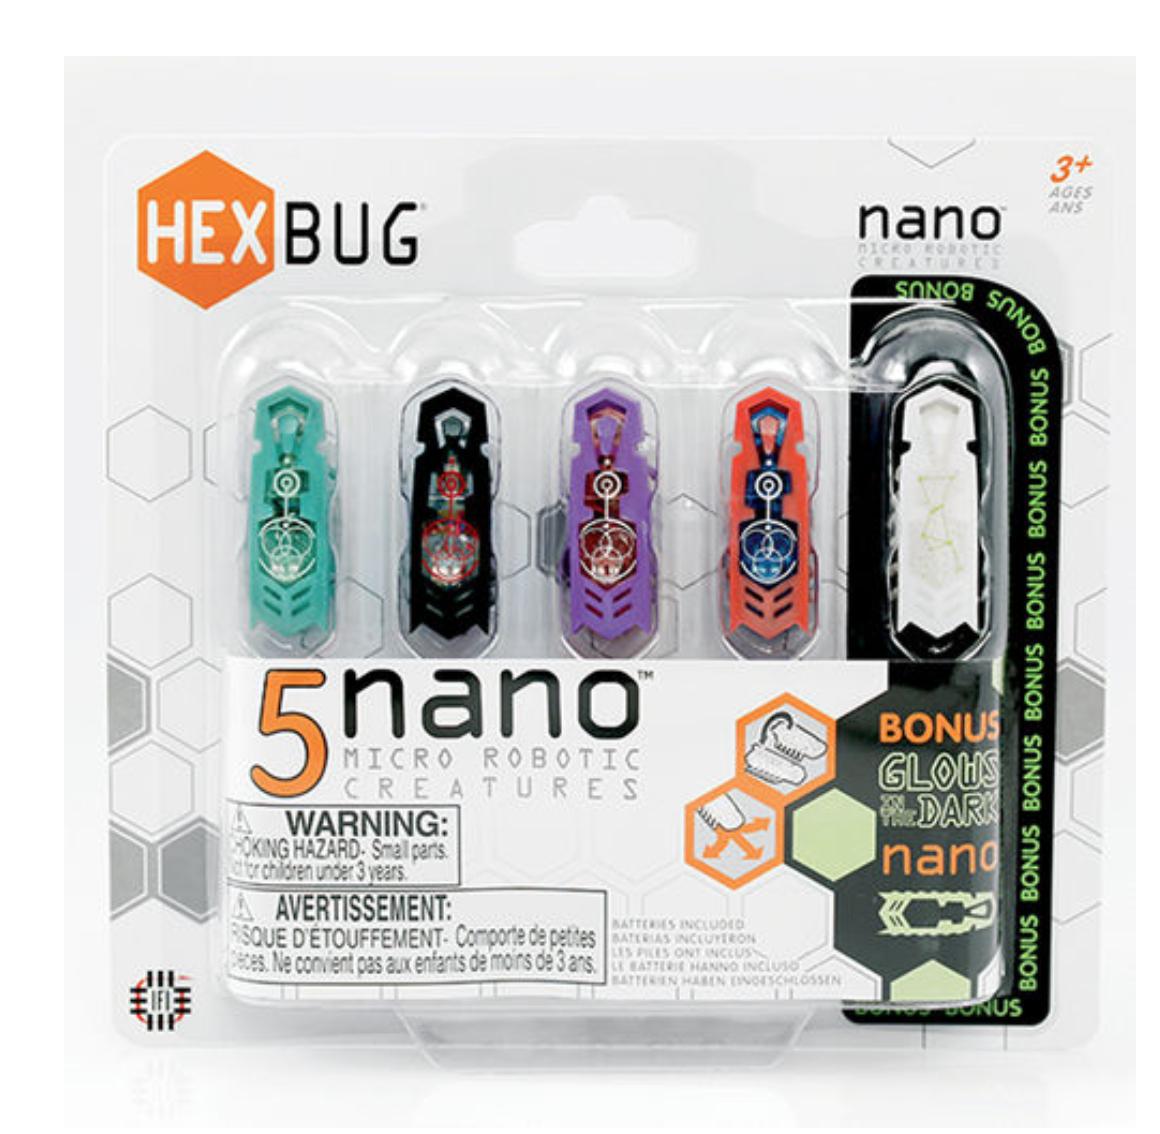 HEXBUG Nano 5 Pack @ £9.98 (C&C only) - Toys R Us